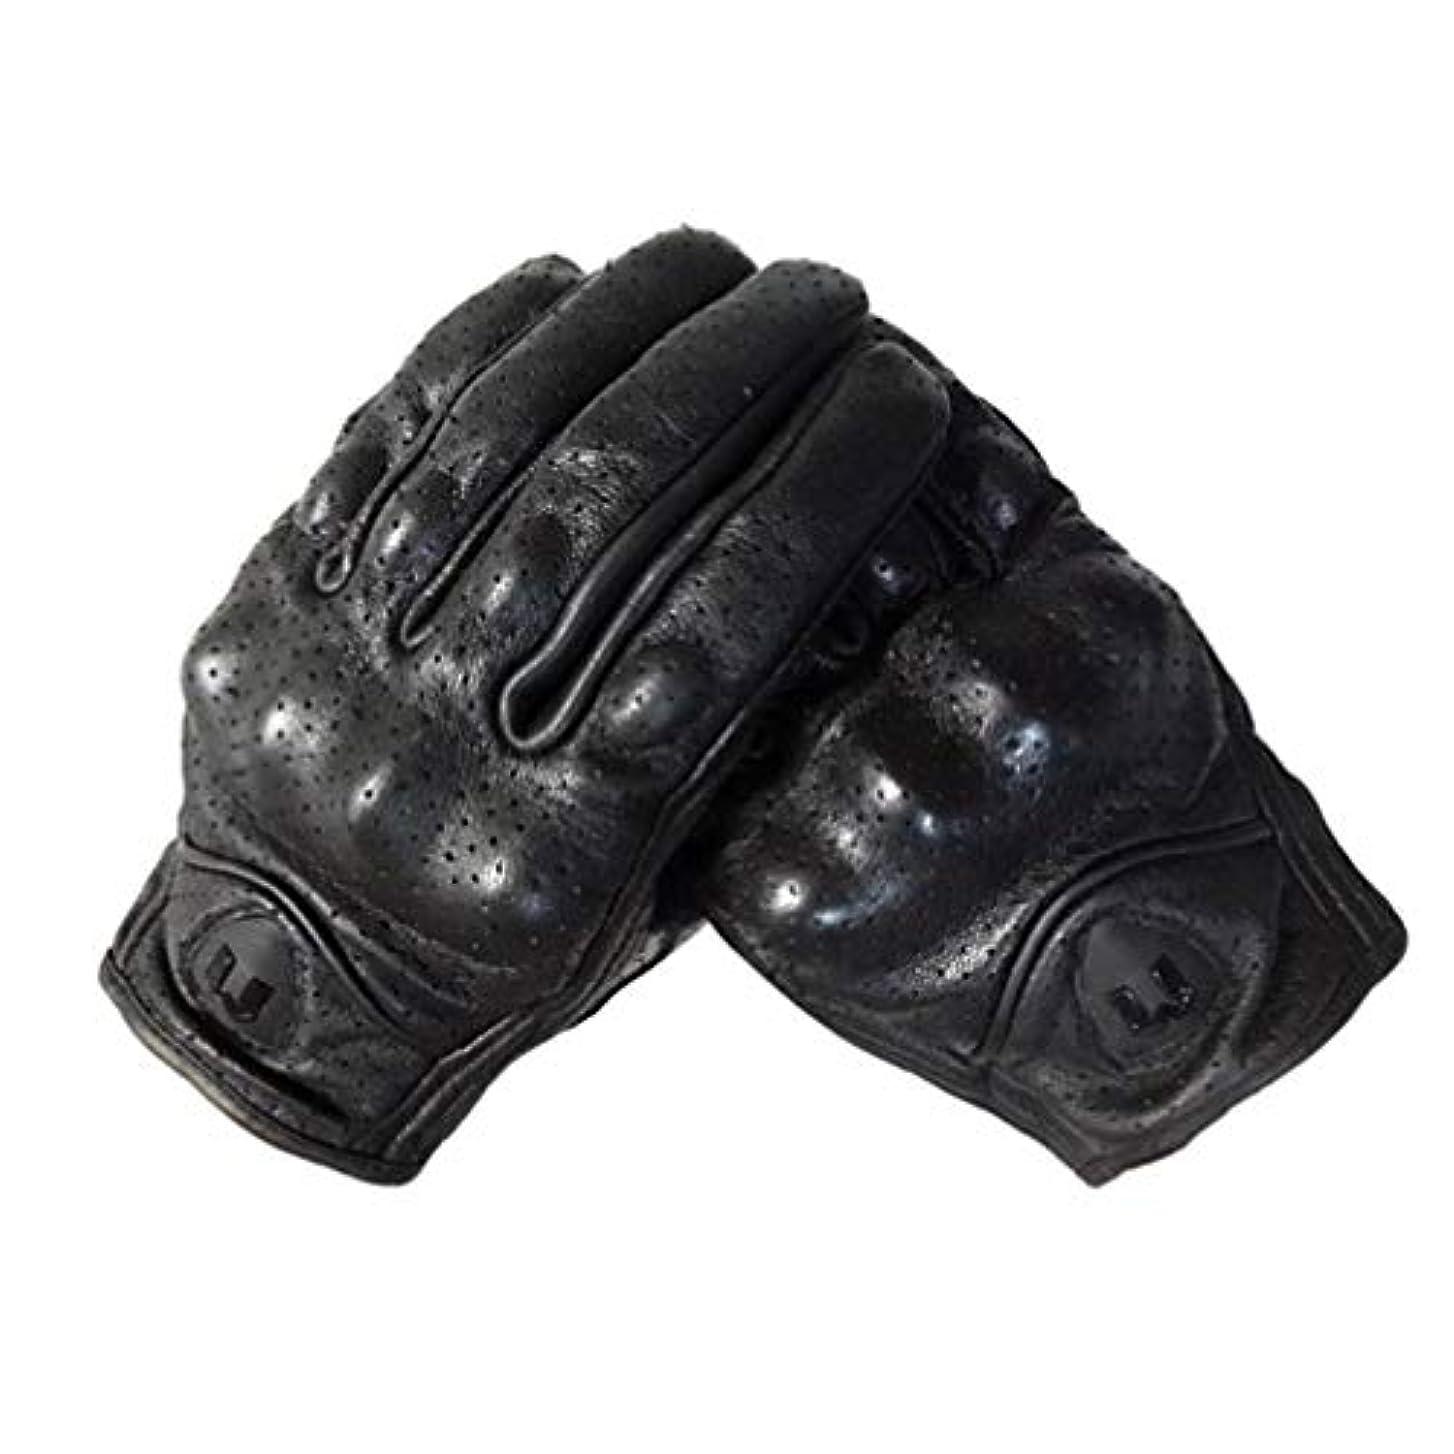 水星悪意のある応援するLIOOBO 冬革手袋フルフィンガーサイクリング手袋オートバイの手袋運転手袋タッチスクリーン手袋男性用女性